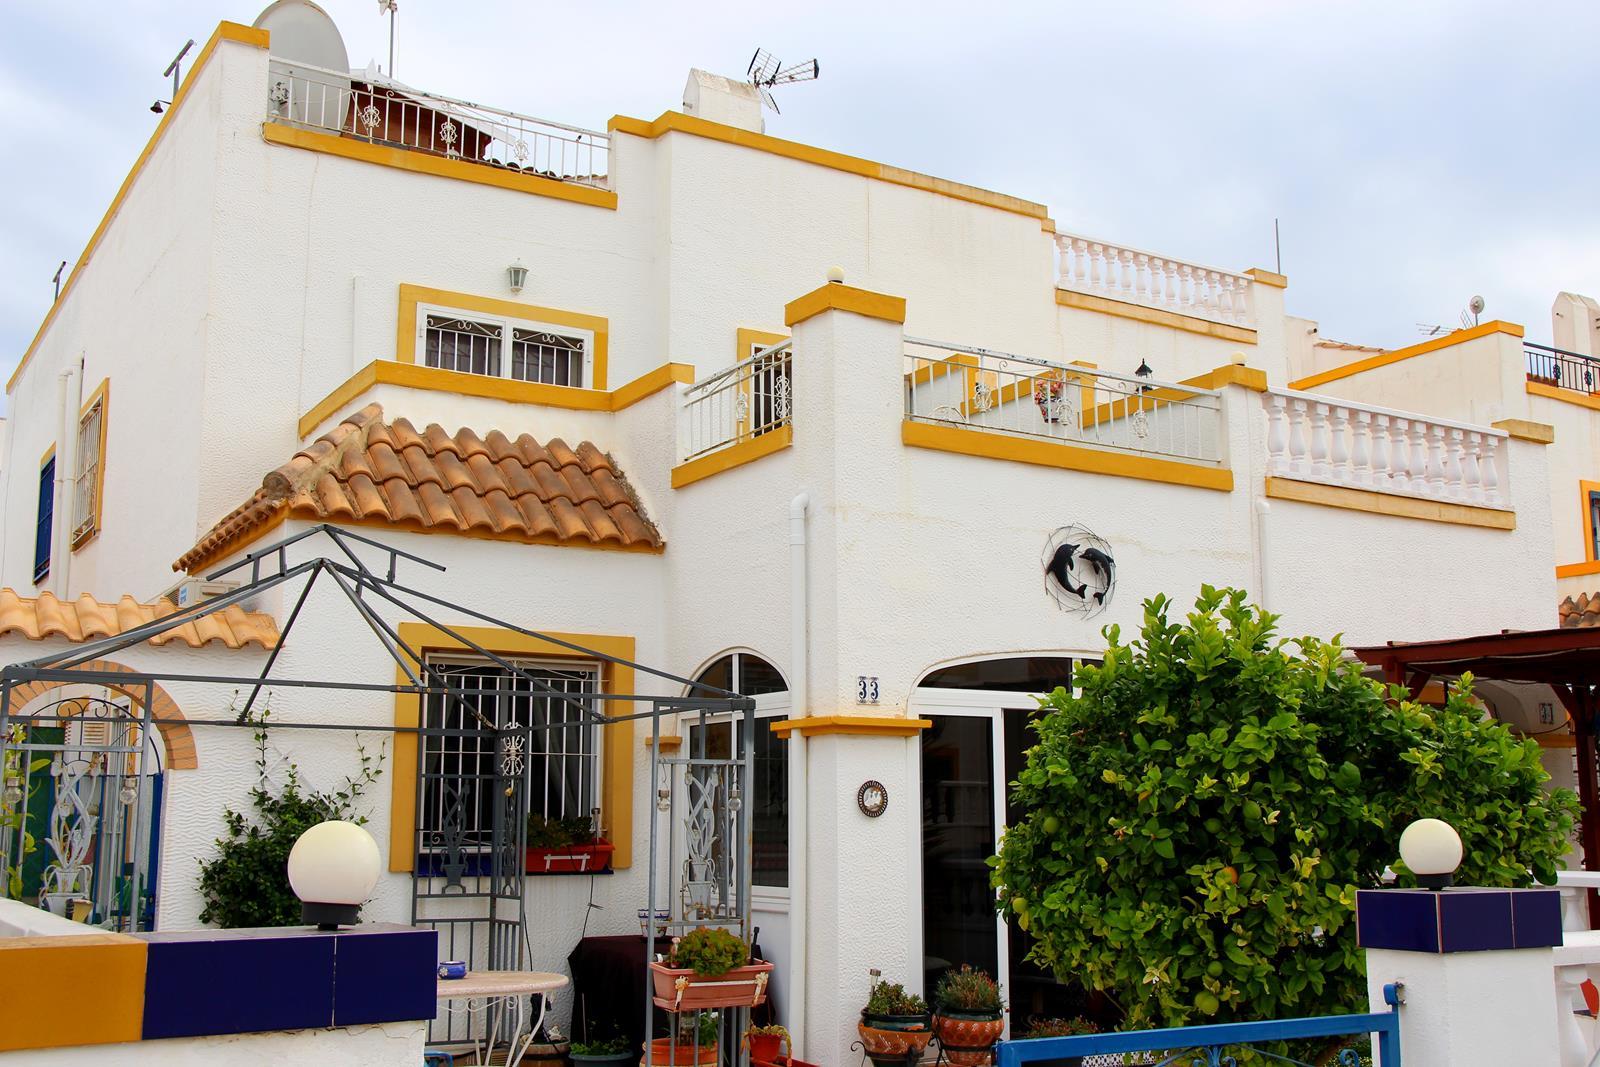 Cuadro house in Jardin del Mar, Torrevieja